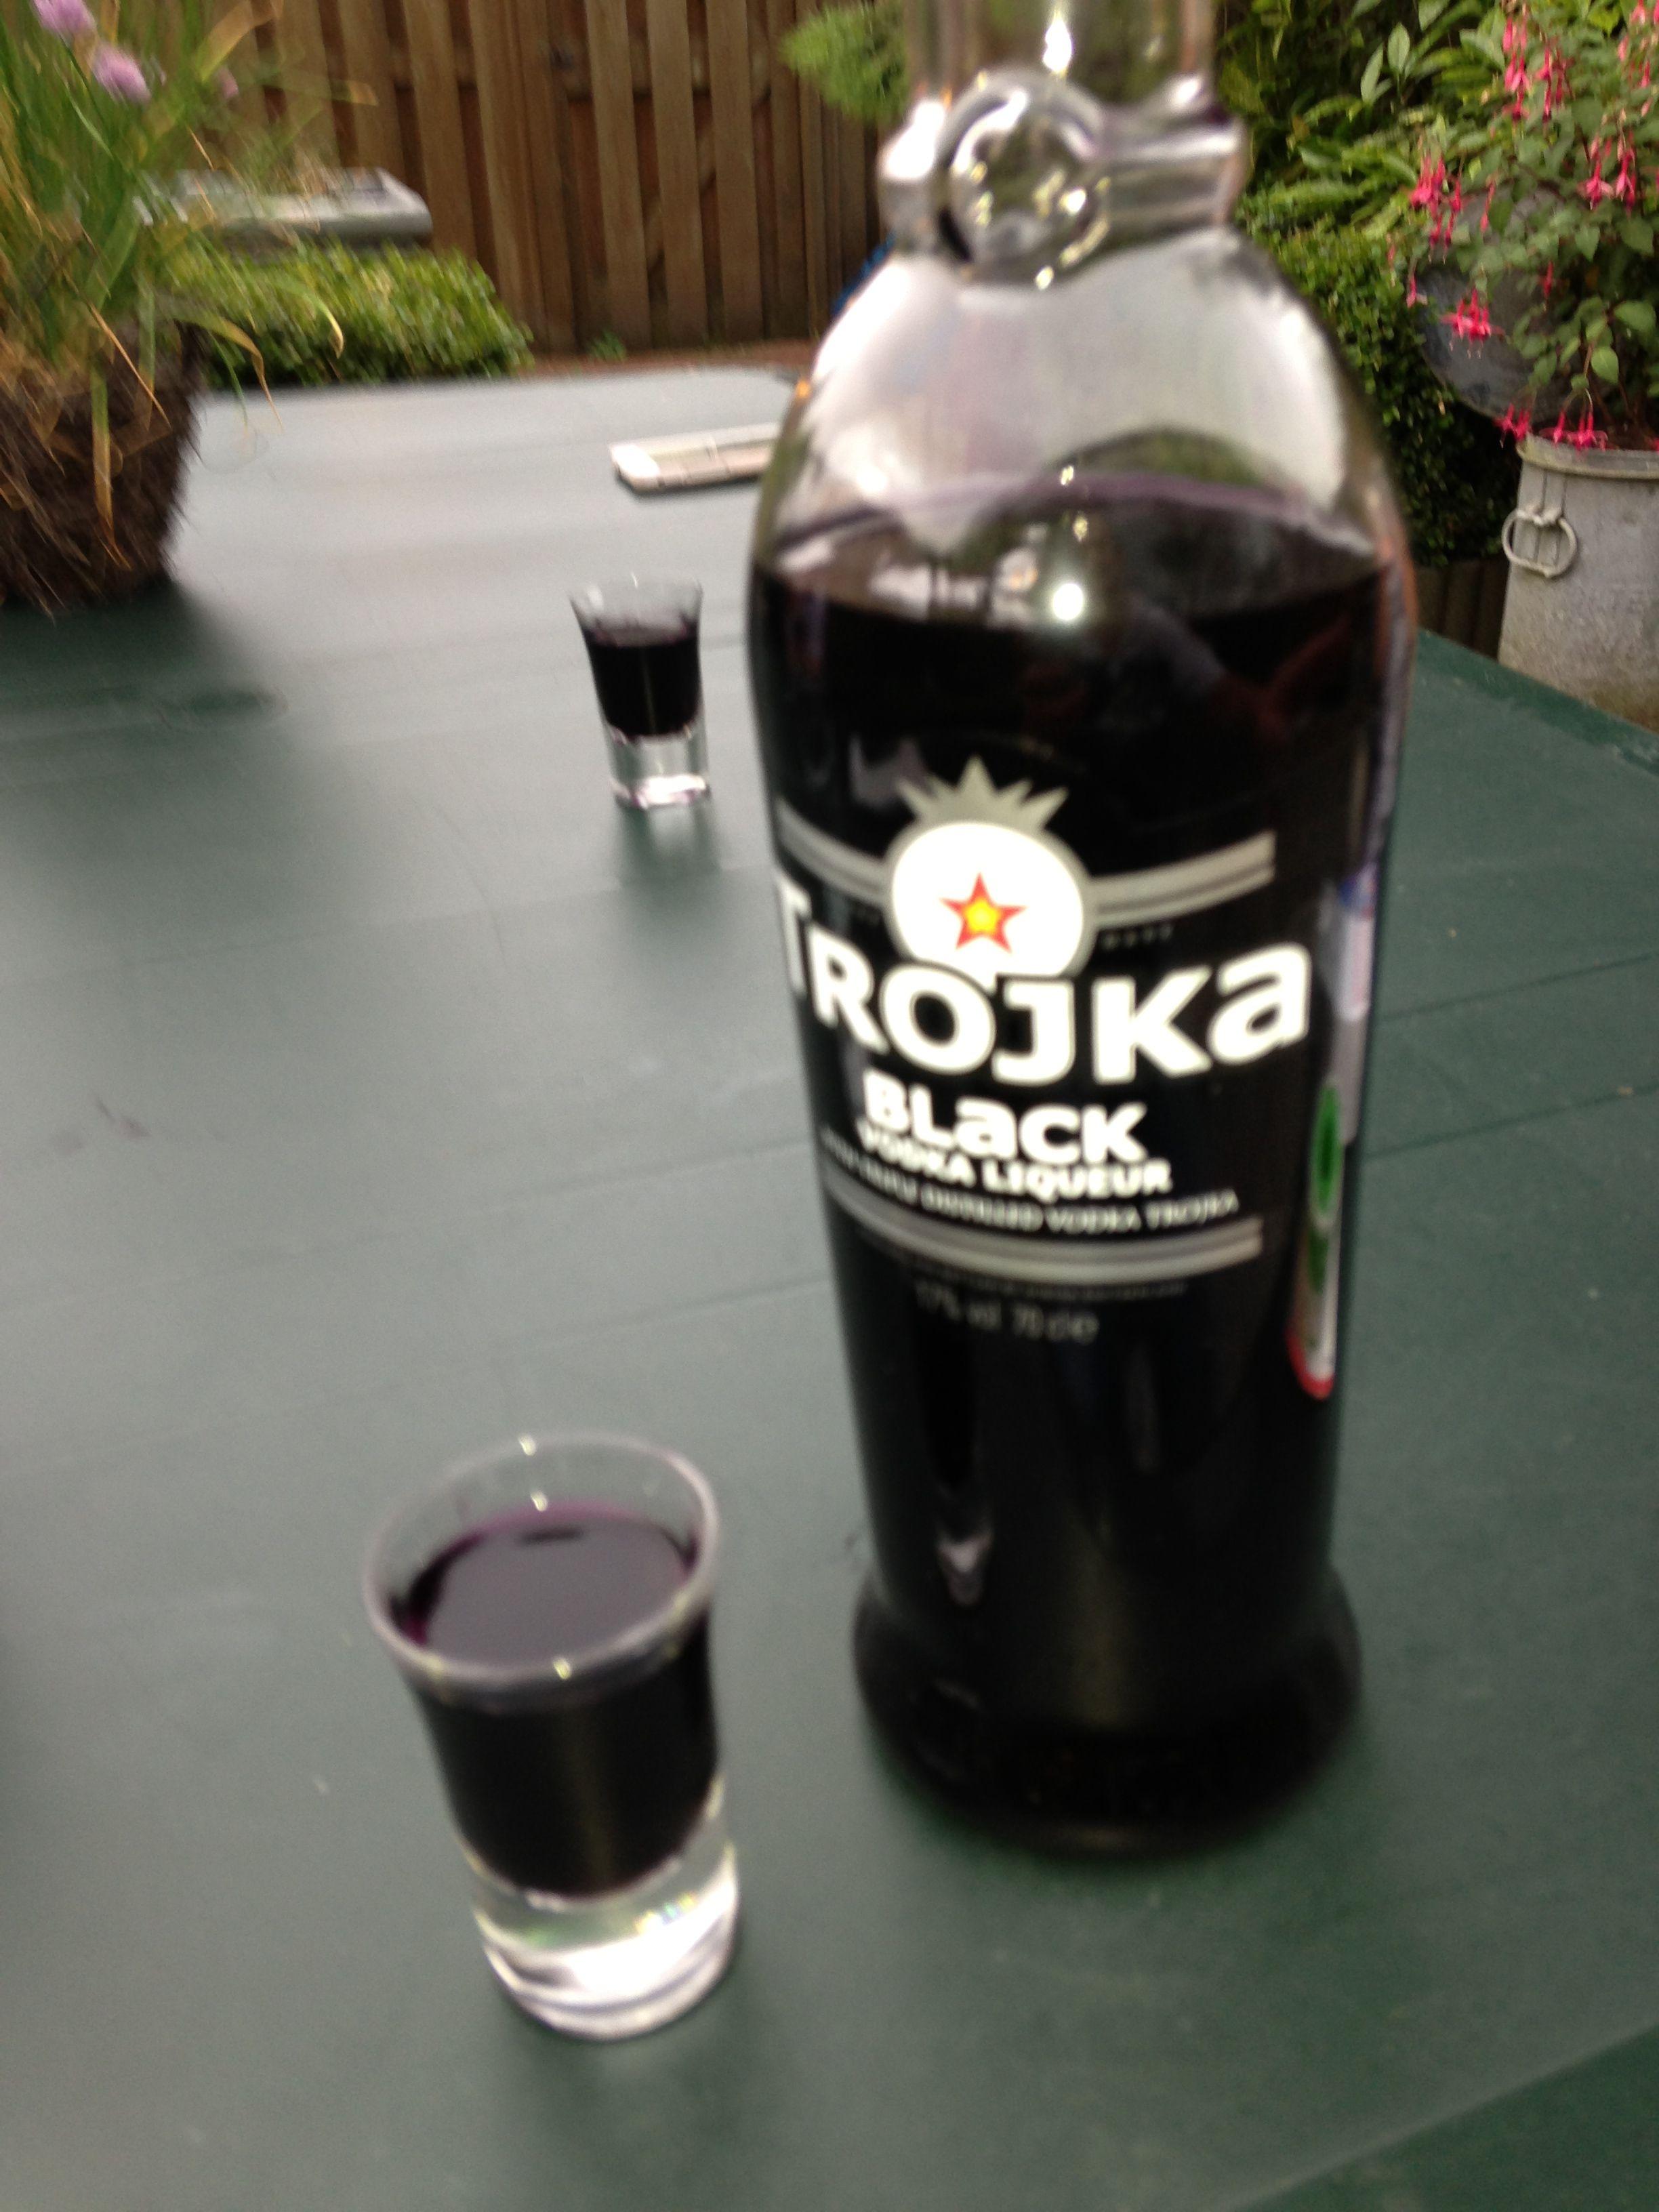 Trojka Black